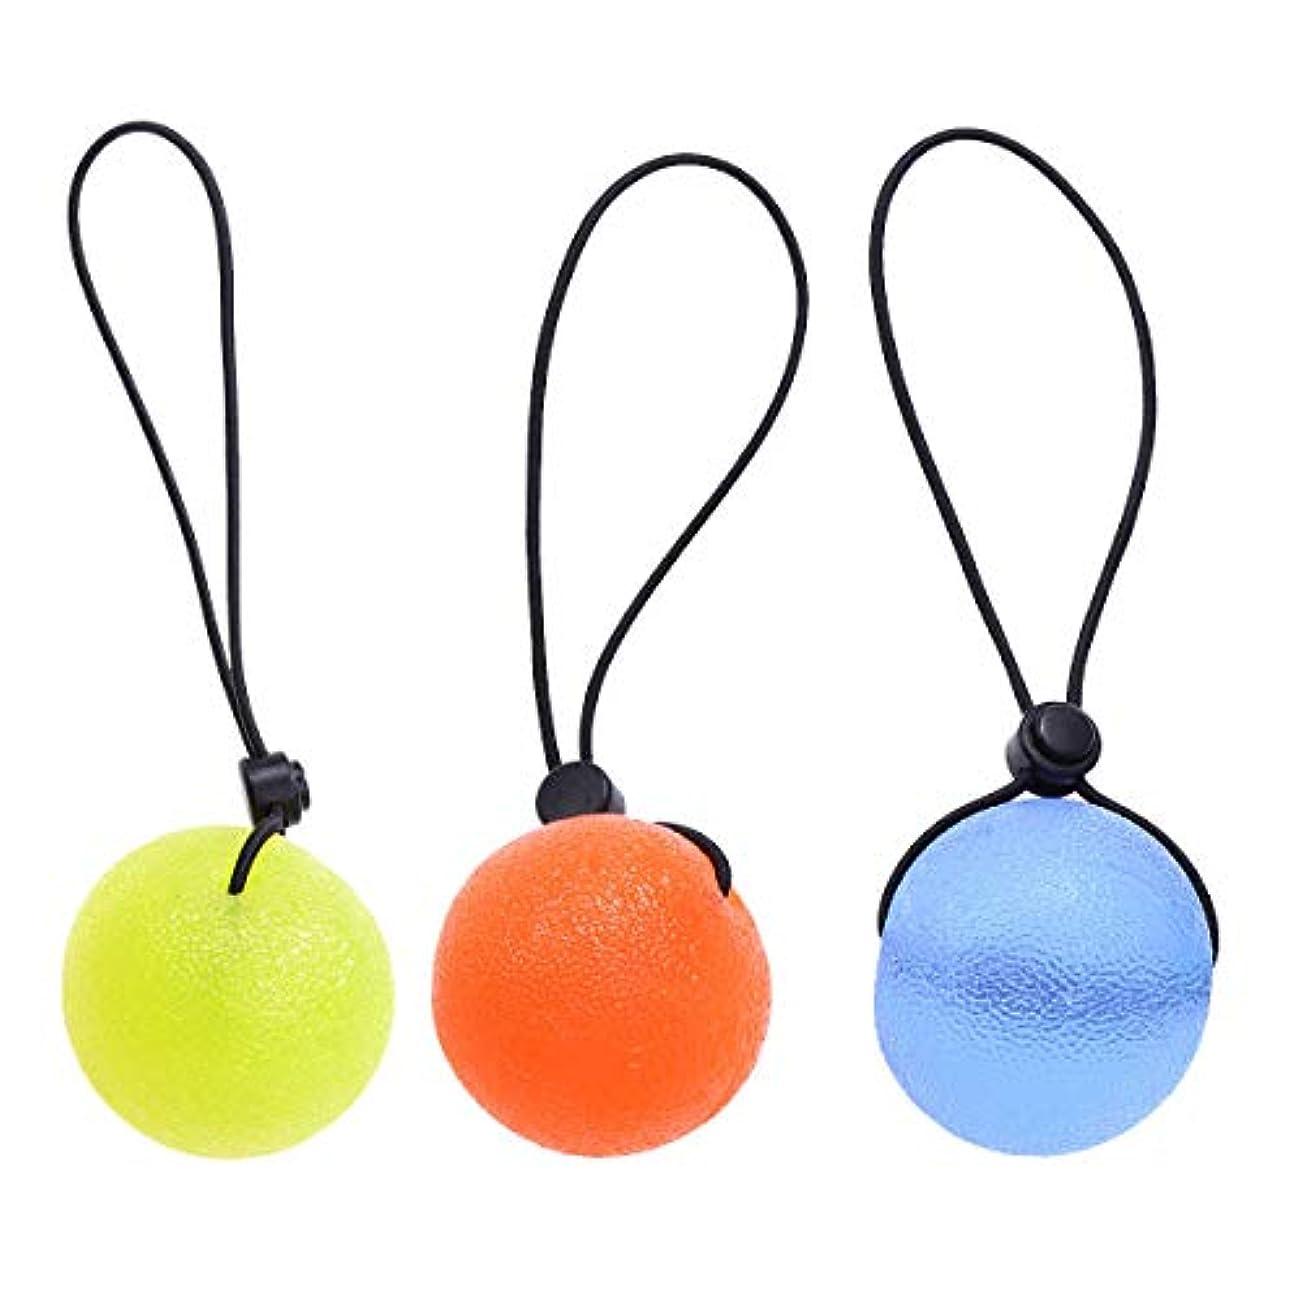 スタンドプランテーション望まないSUPVOX 3個ハンドグリップ強化剤フィンガーグリップセラピーエクササイズスクイズストレスボール